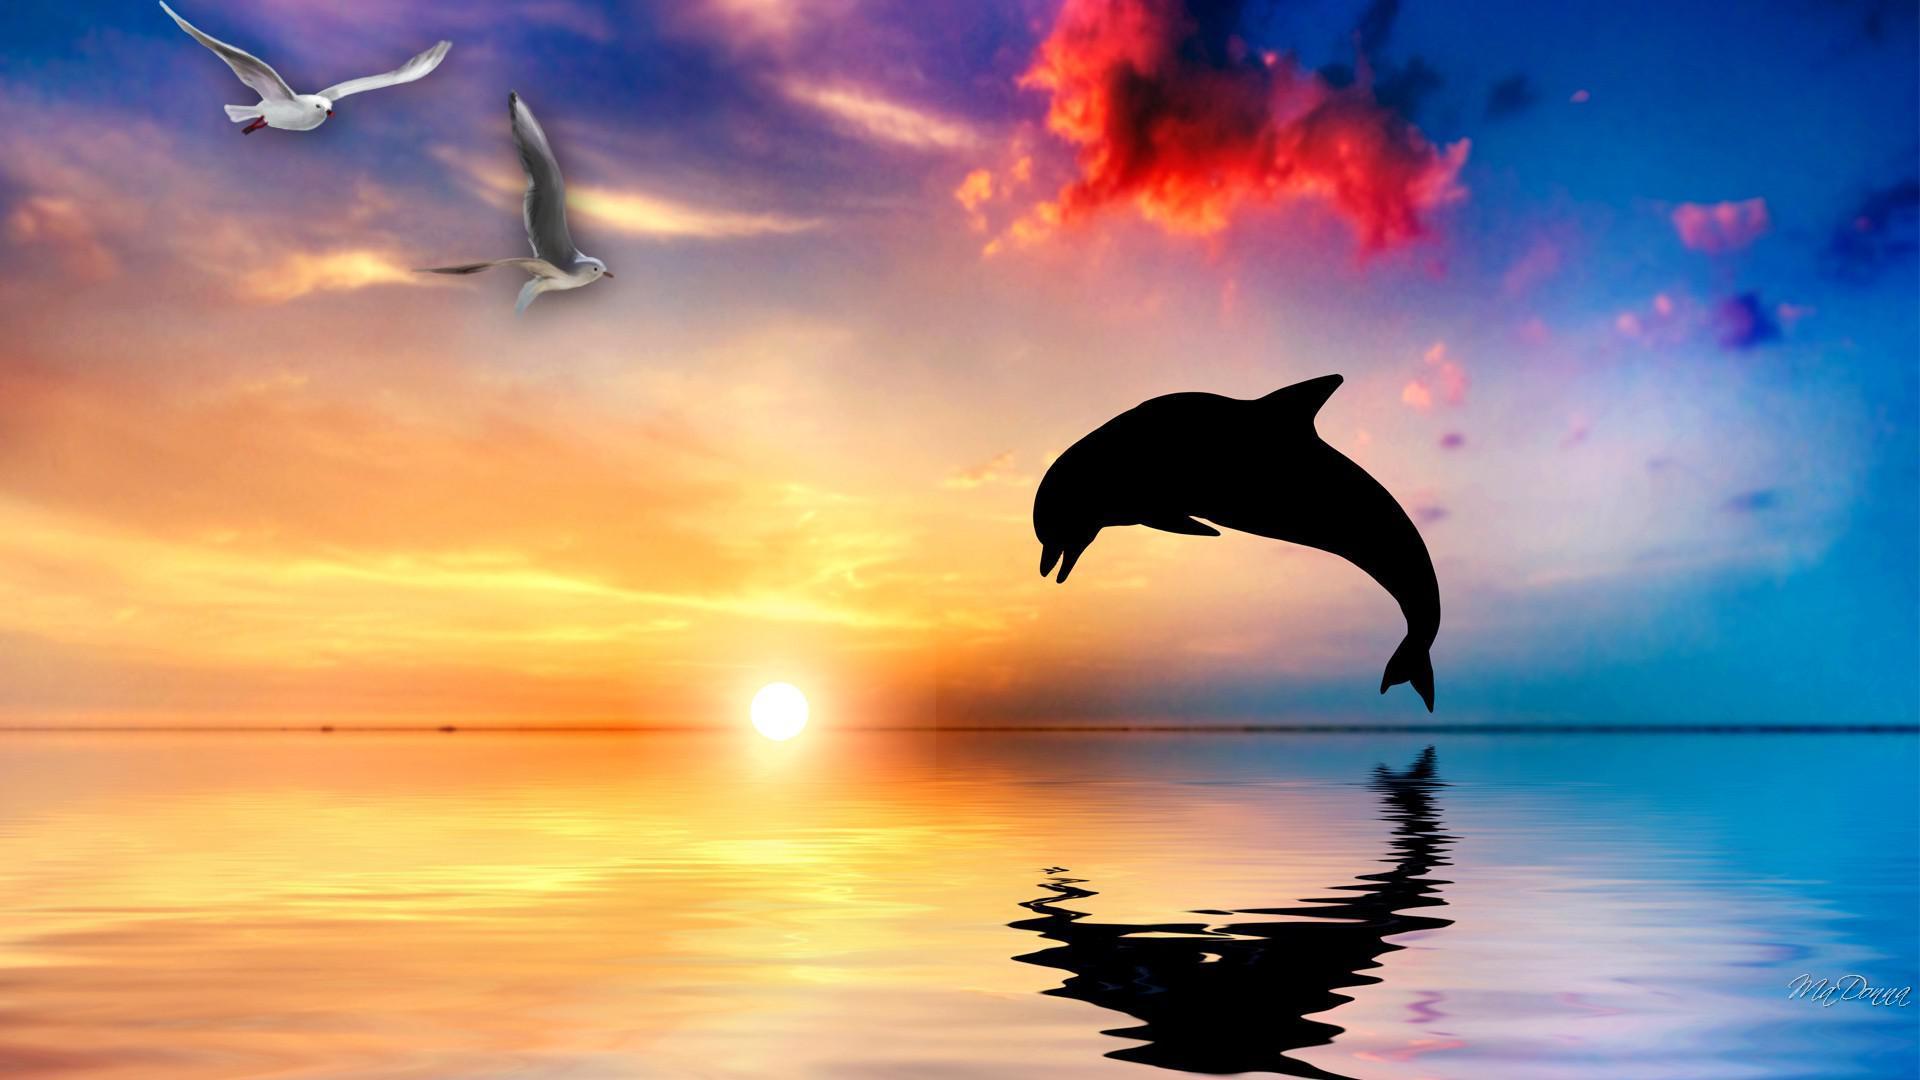 美しい海とイルカのジャンプと夕日 ピンクのイルカの壁紙 19x1080 Wallpapertip